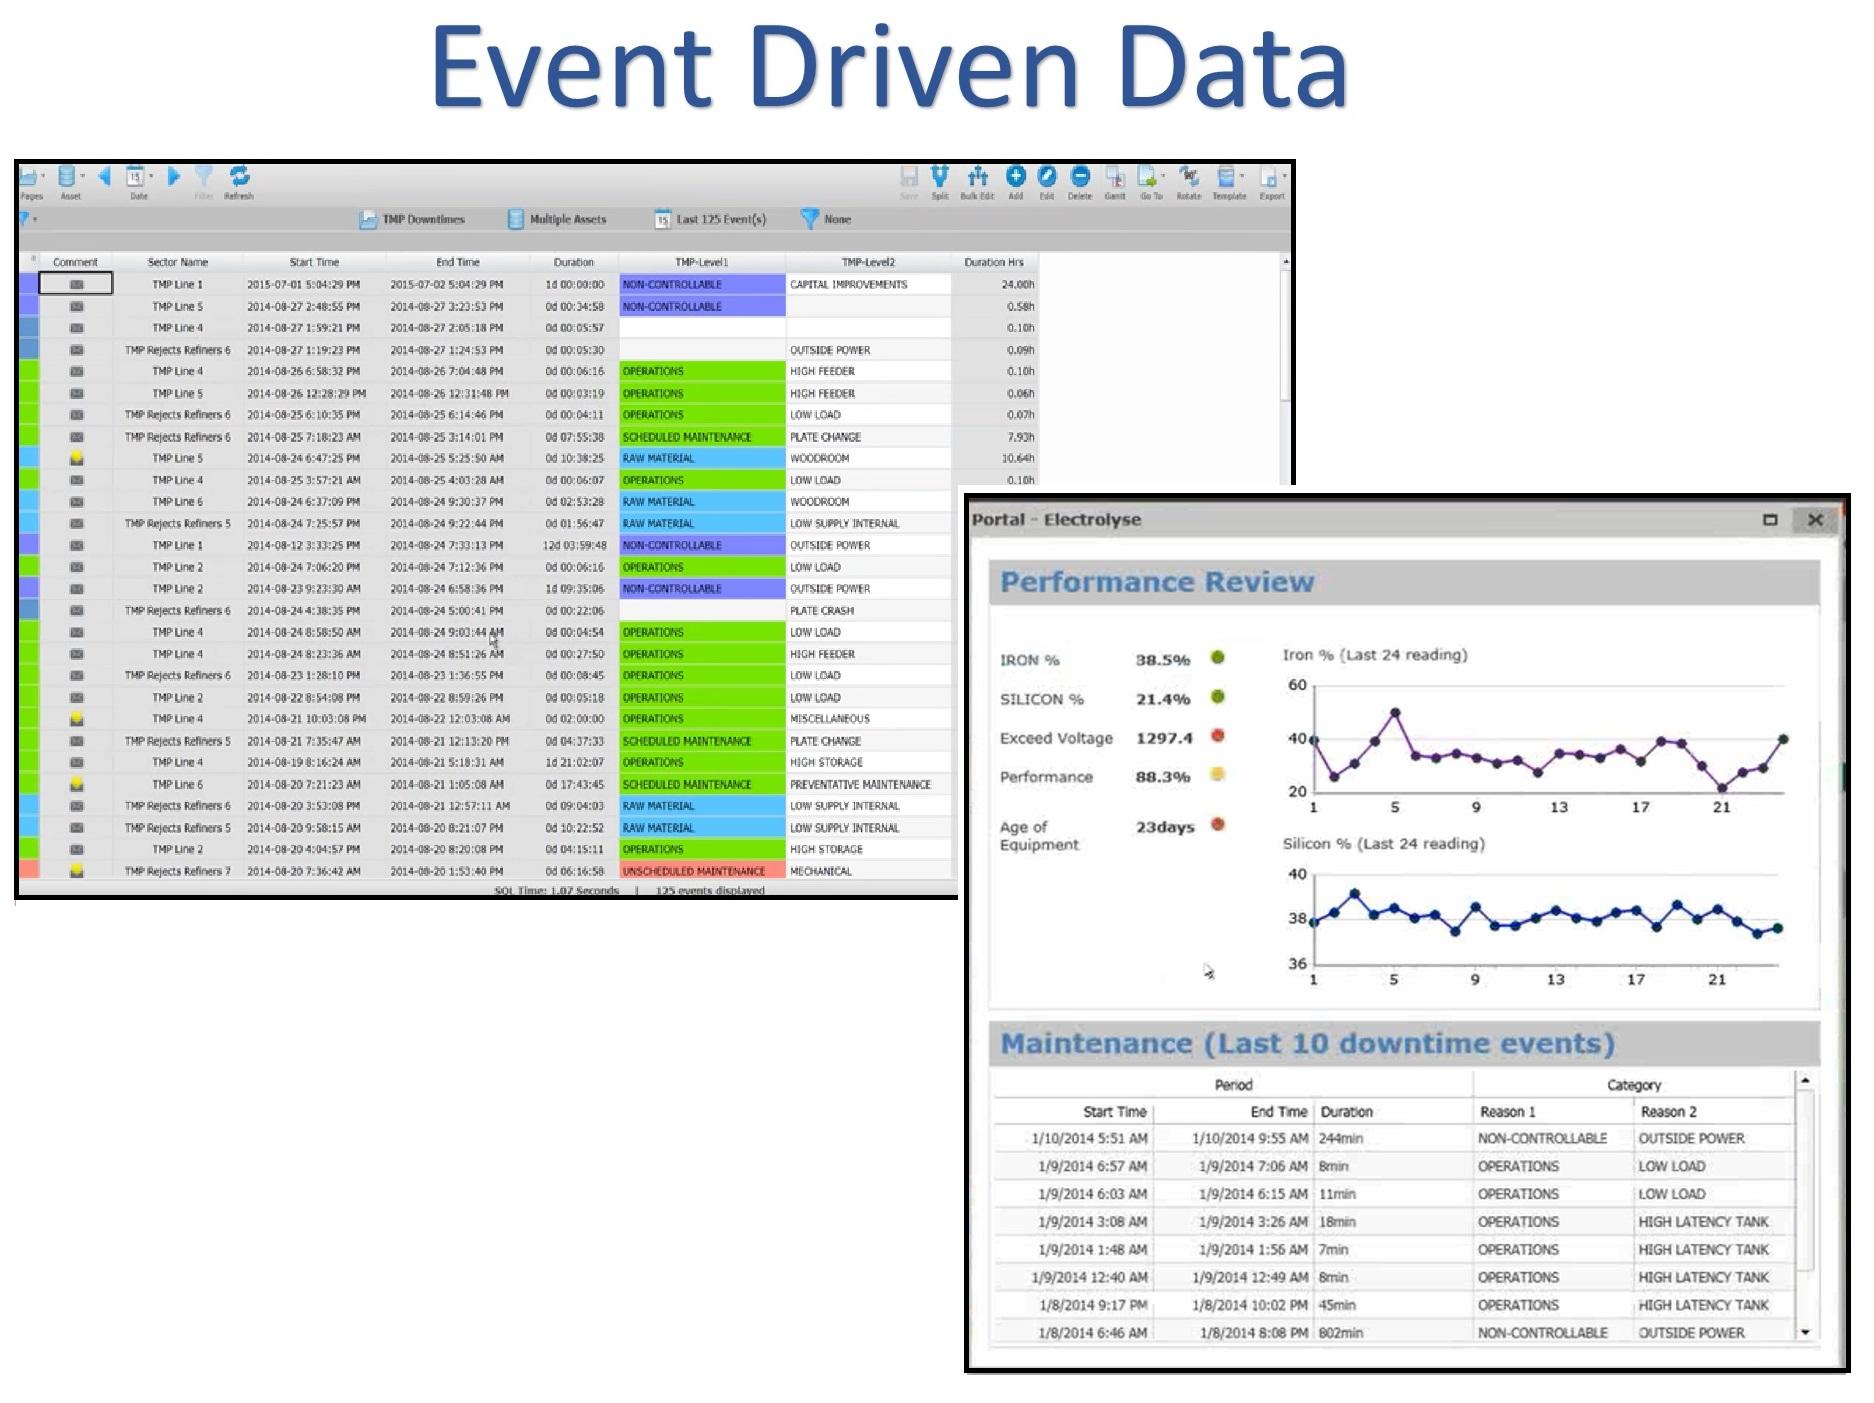 Event Driven Data